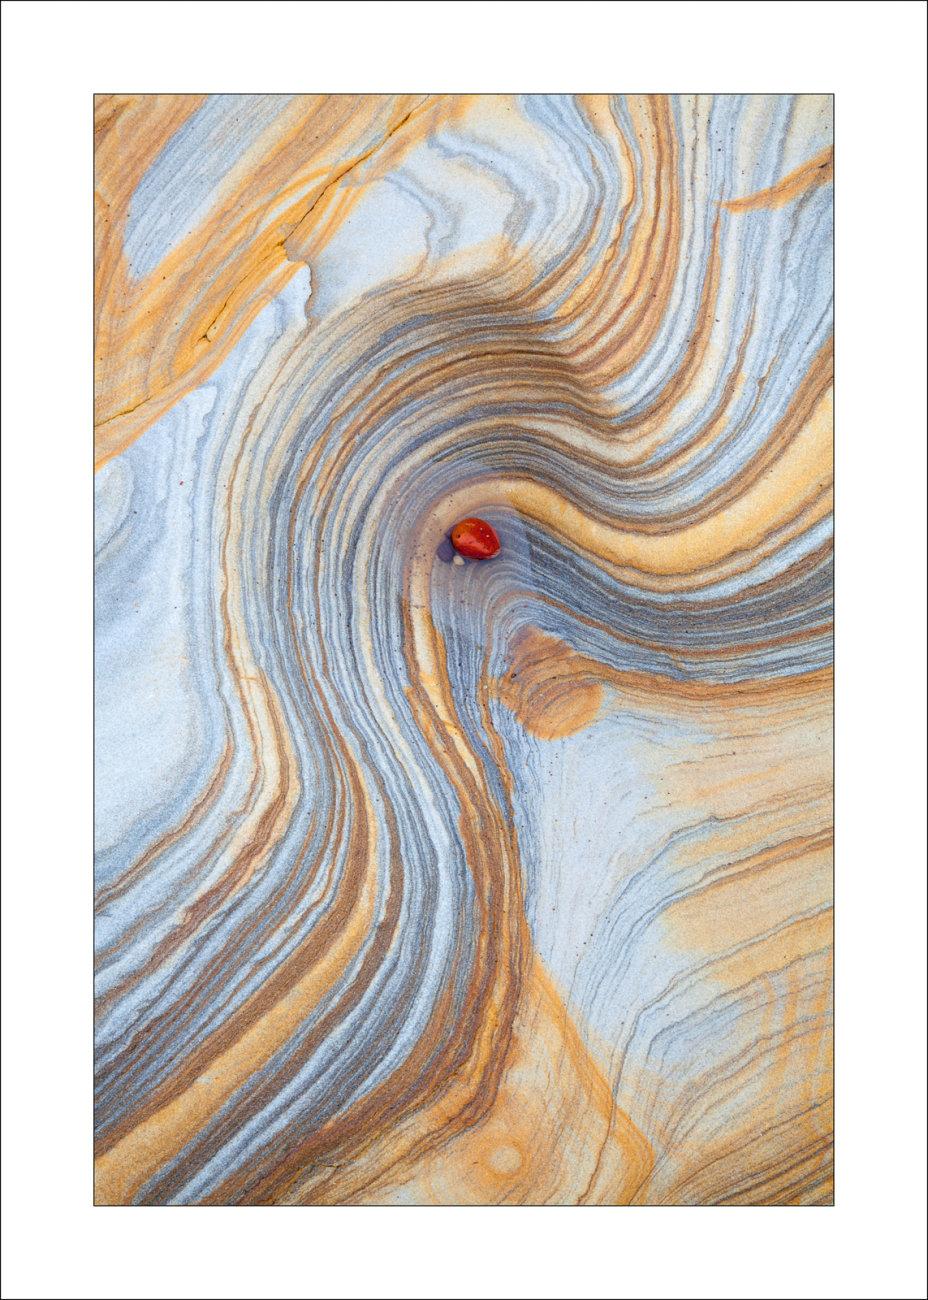 Spittal Sandstone